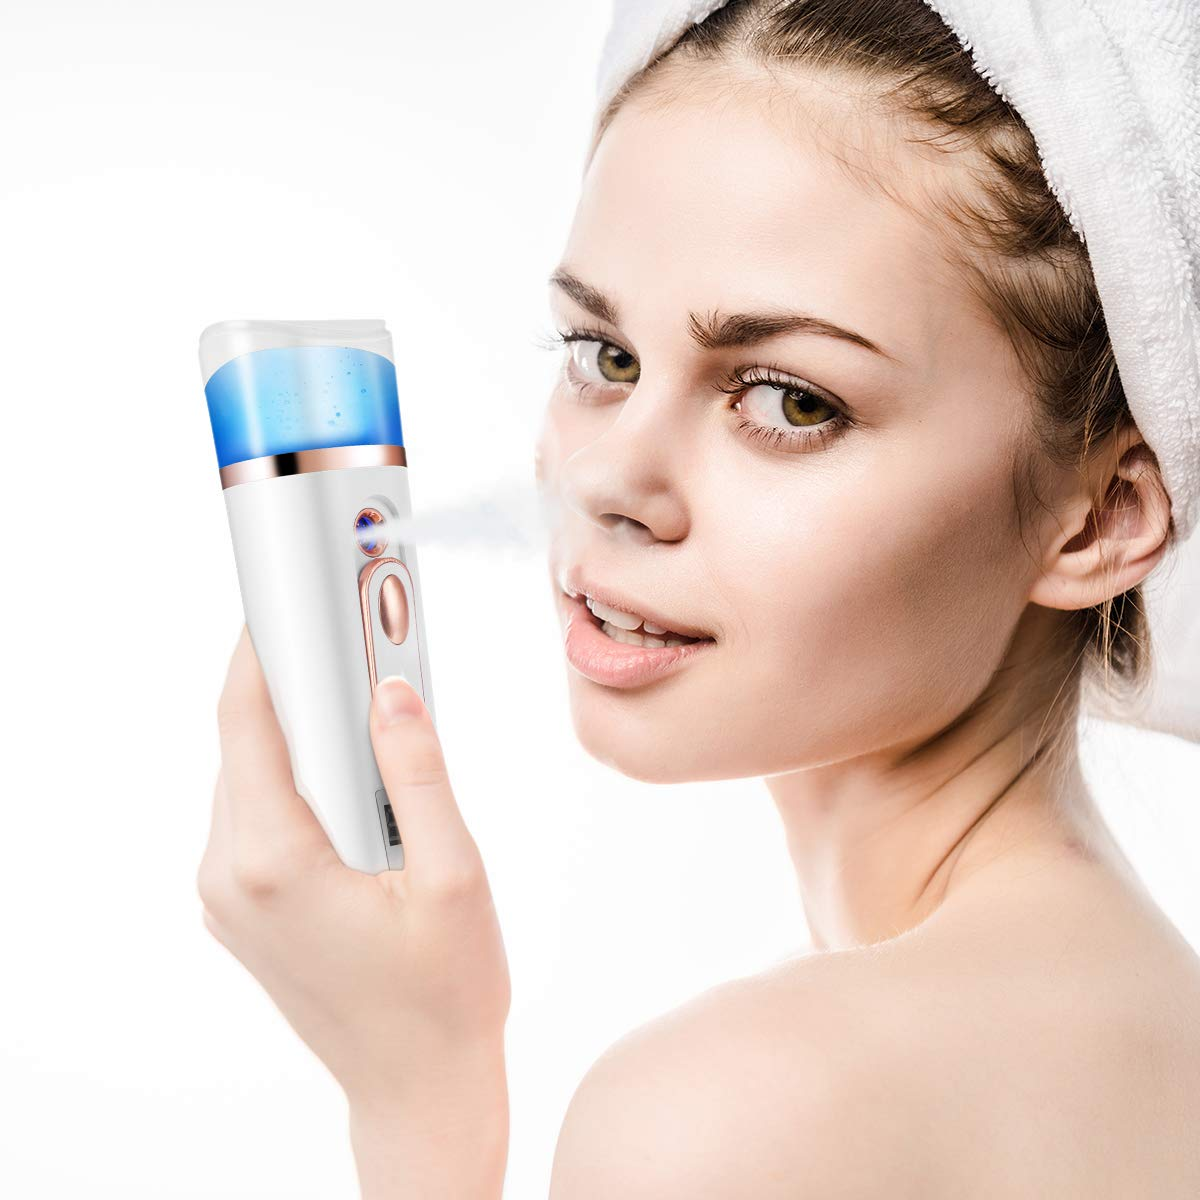 Handy Mist Sprayer Face Steamer Nano Mister for Skin Care, Face Moisturizing Hydration Refreshing